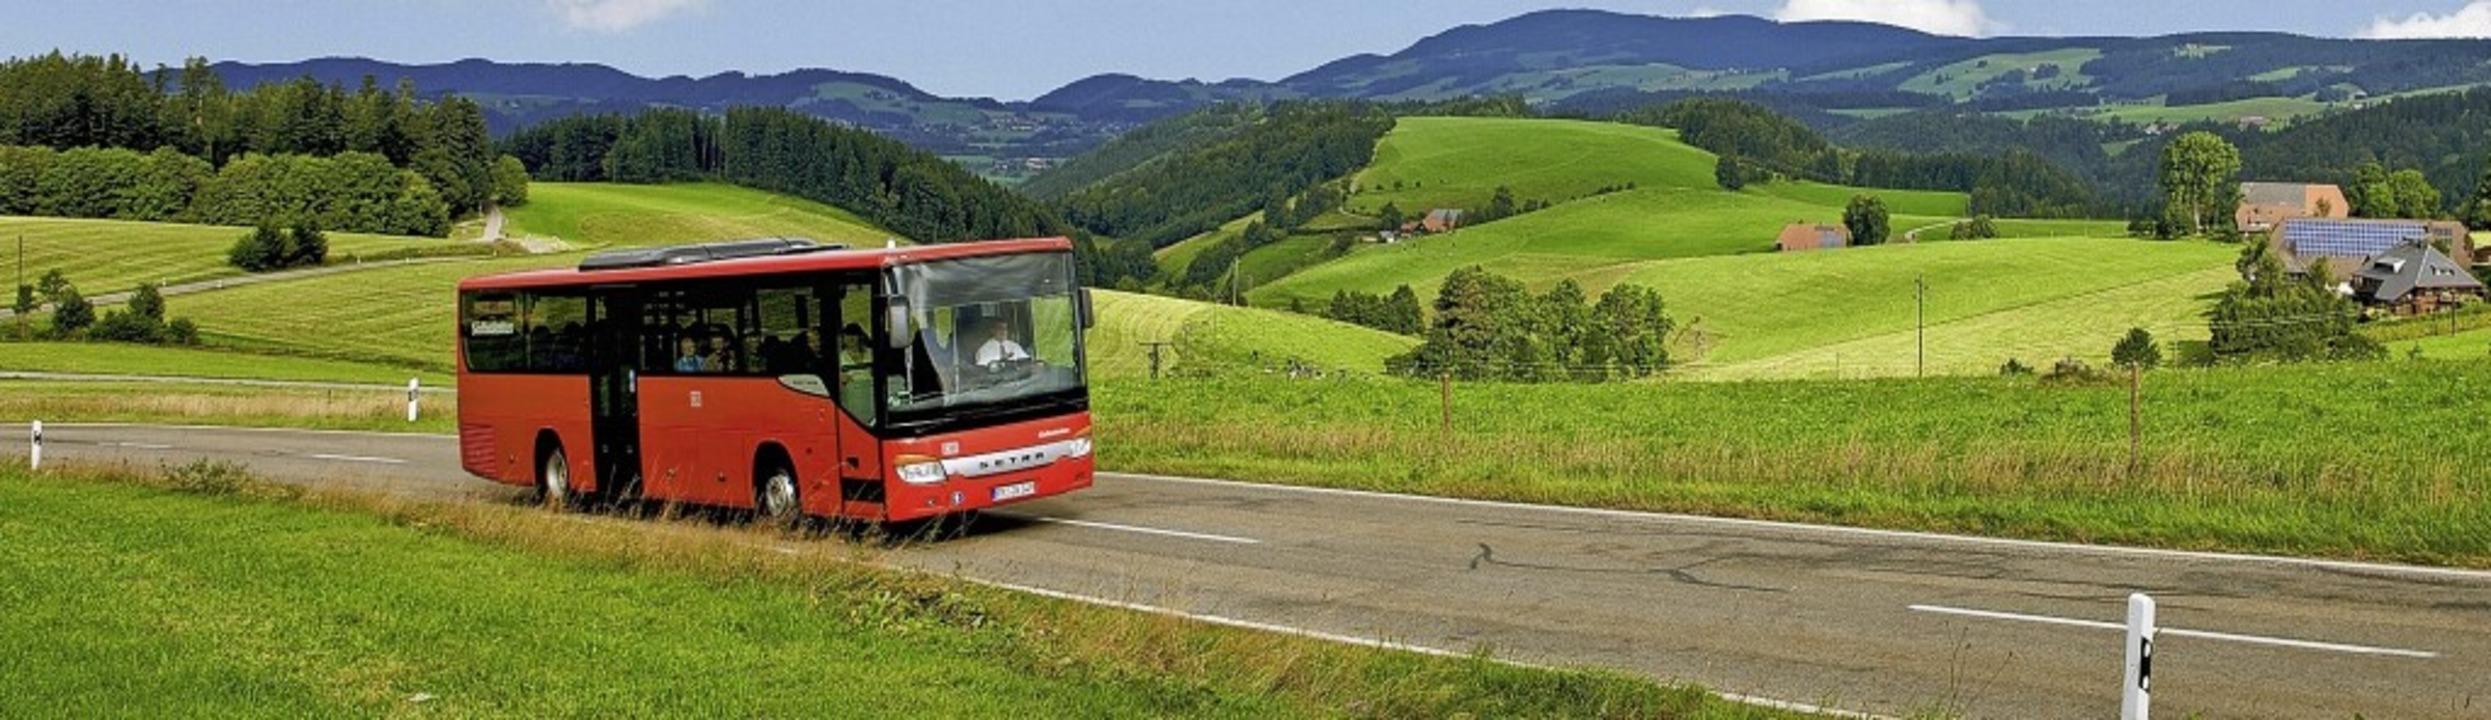 Pläne der Südbadenbus GmbH sehen keine... regt sich Widerstand in der Gemeinde.  | Foto: Mesenholl/Schwarzwald Tourismus